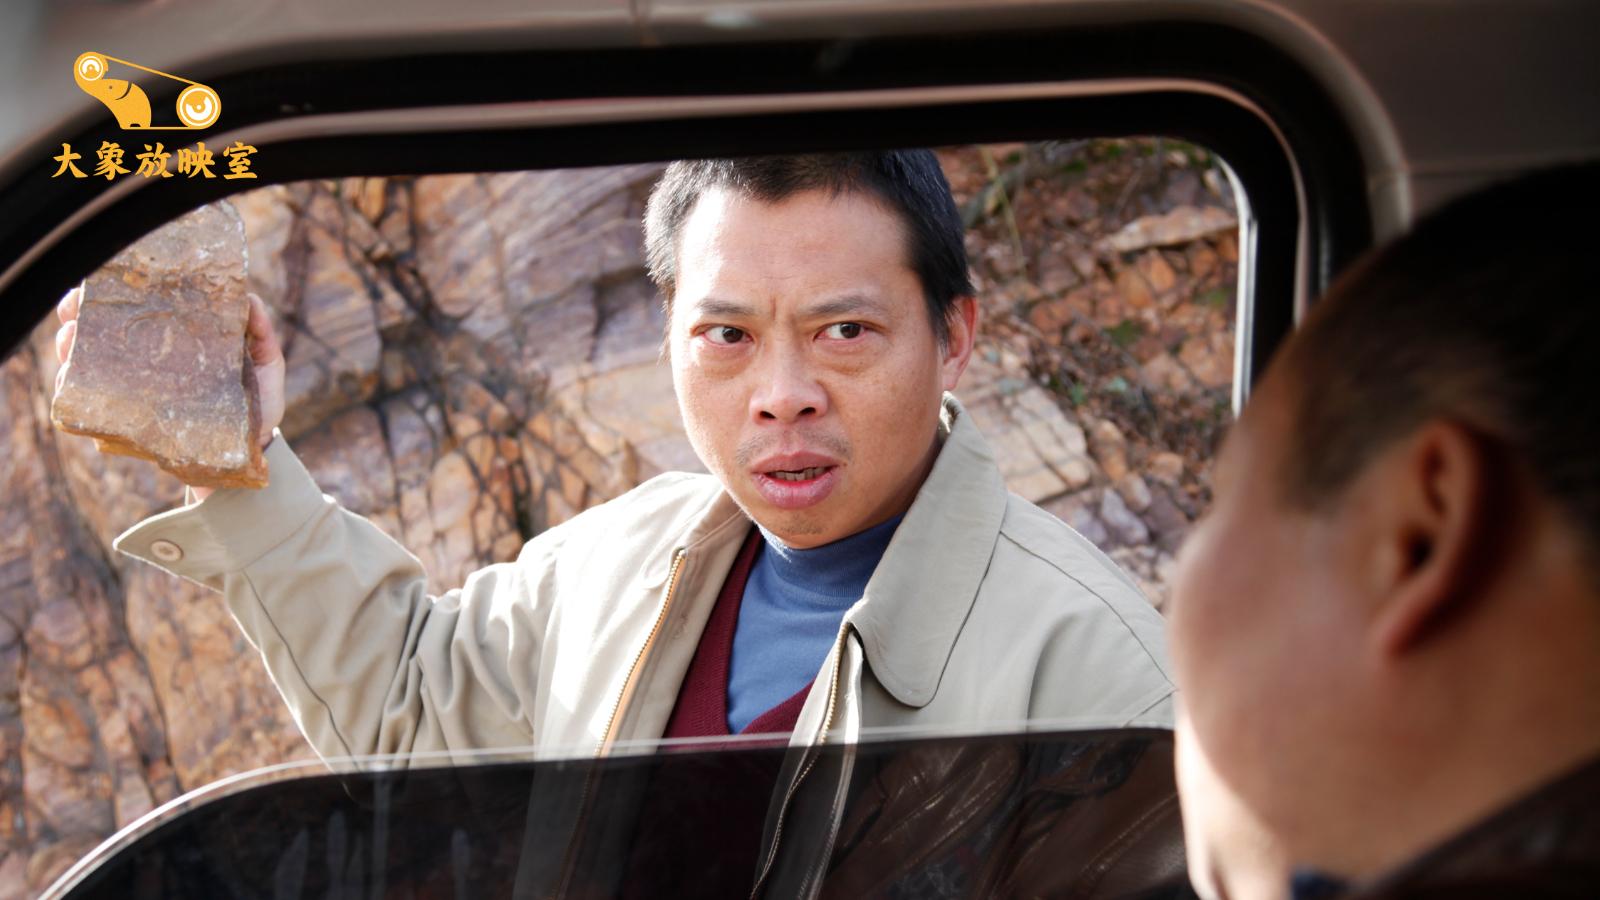 惊艳!100多万成本,拍出中国最好的悬疑片,没有之一 《心迷宫》